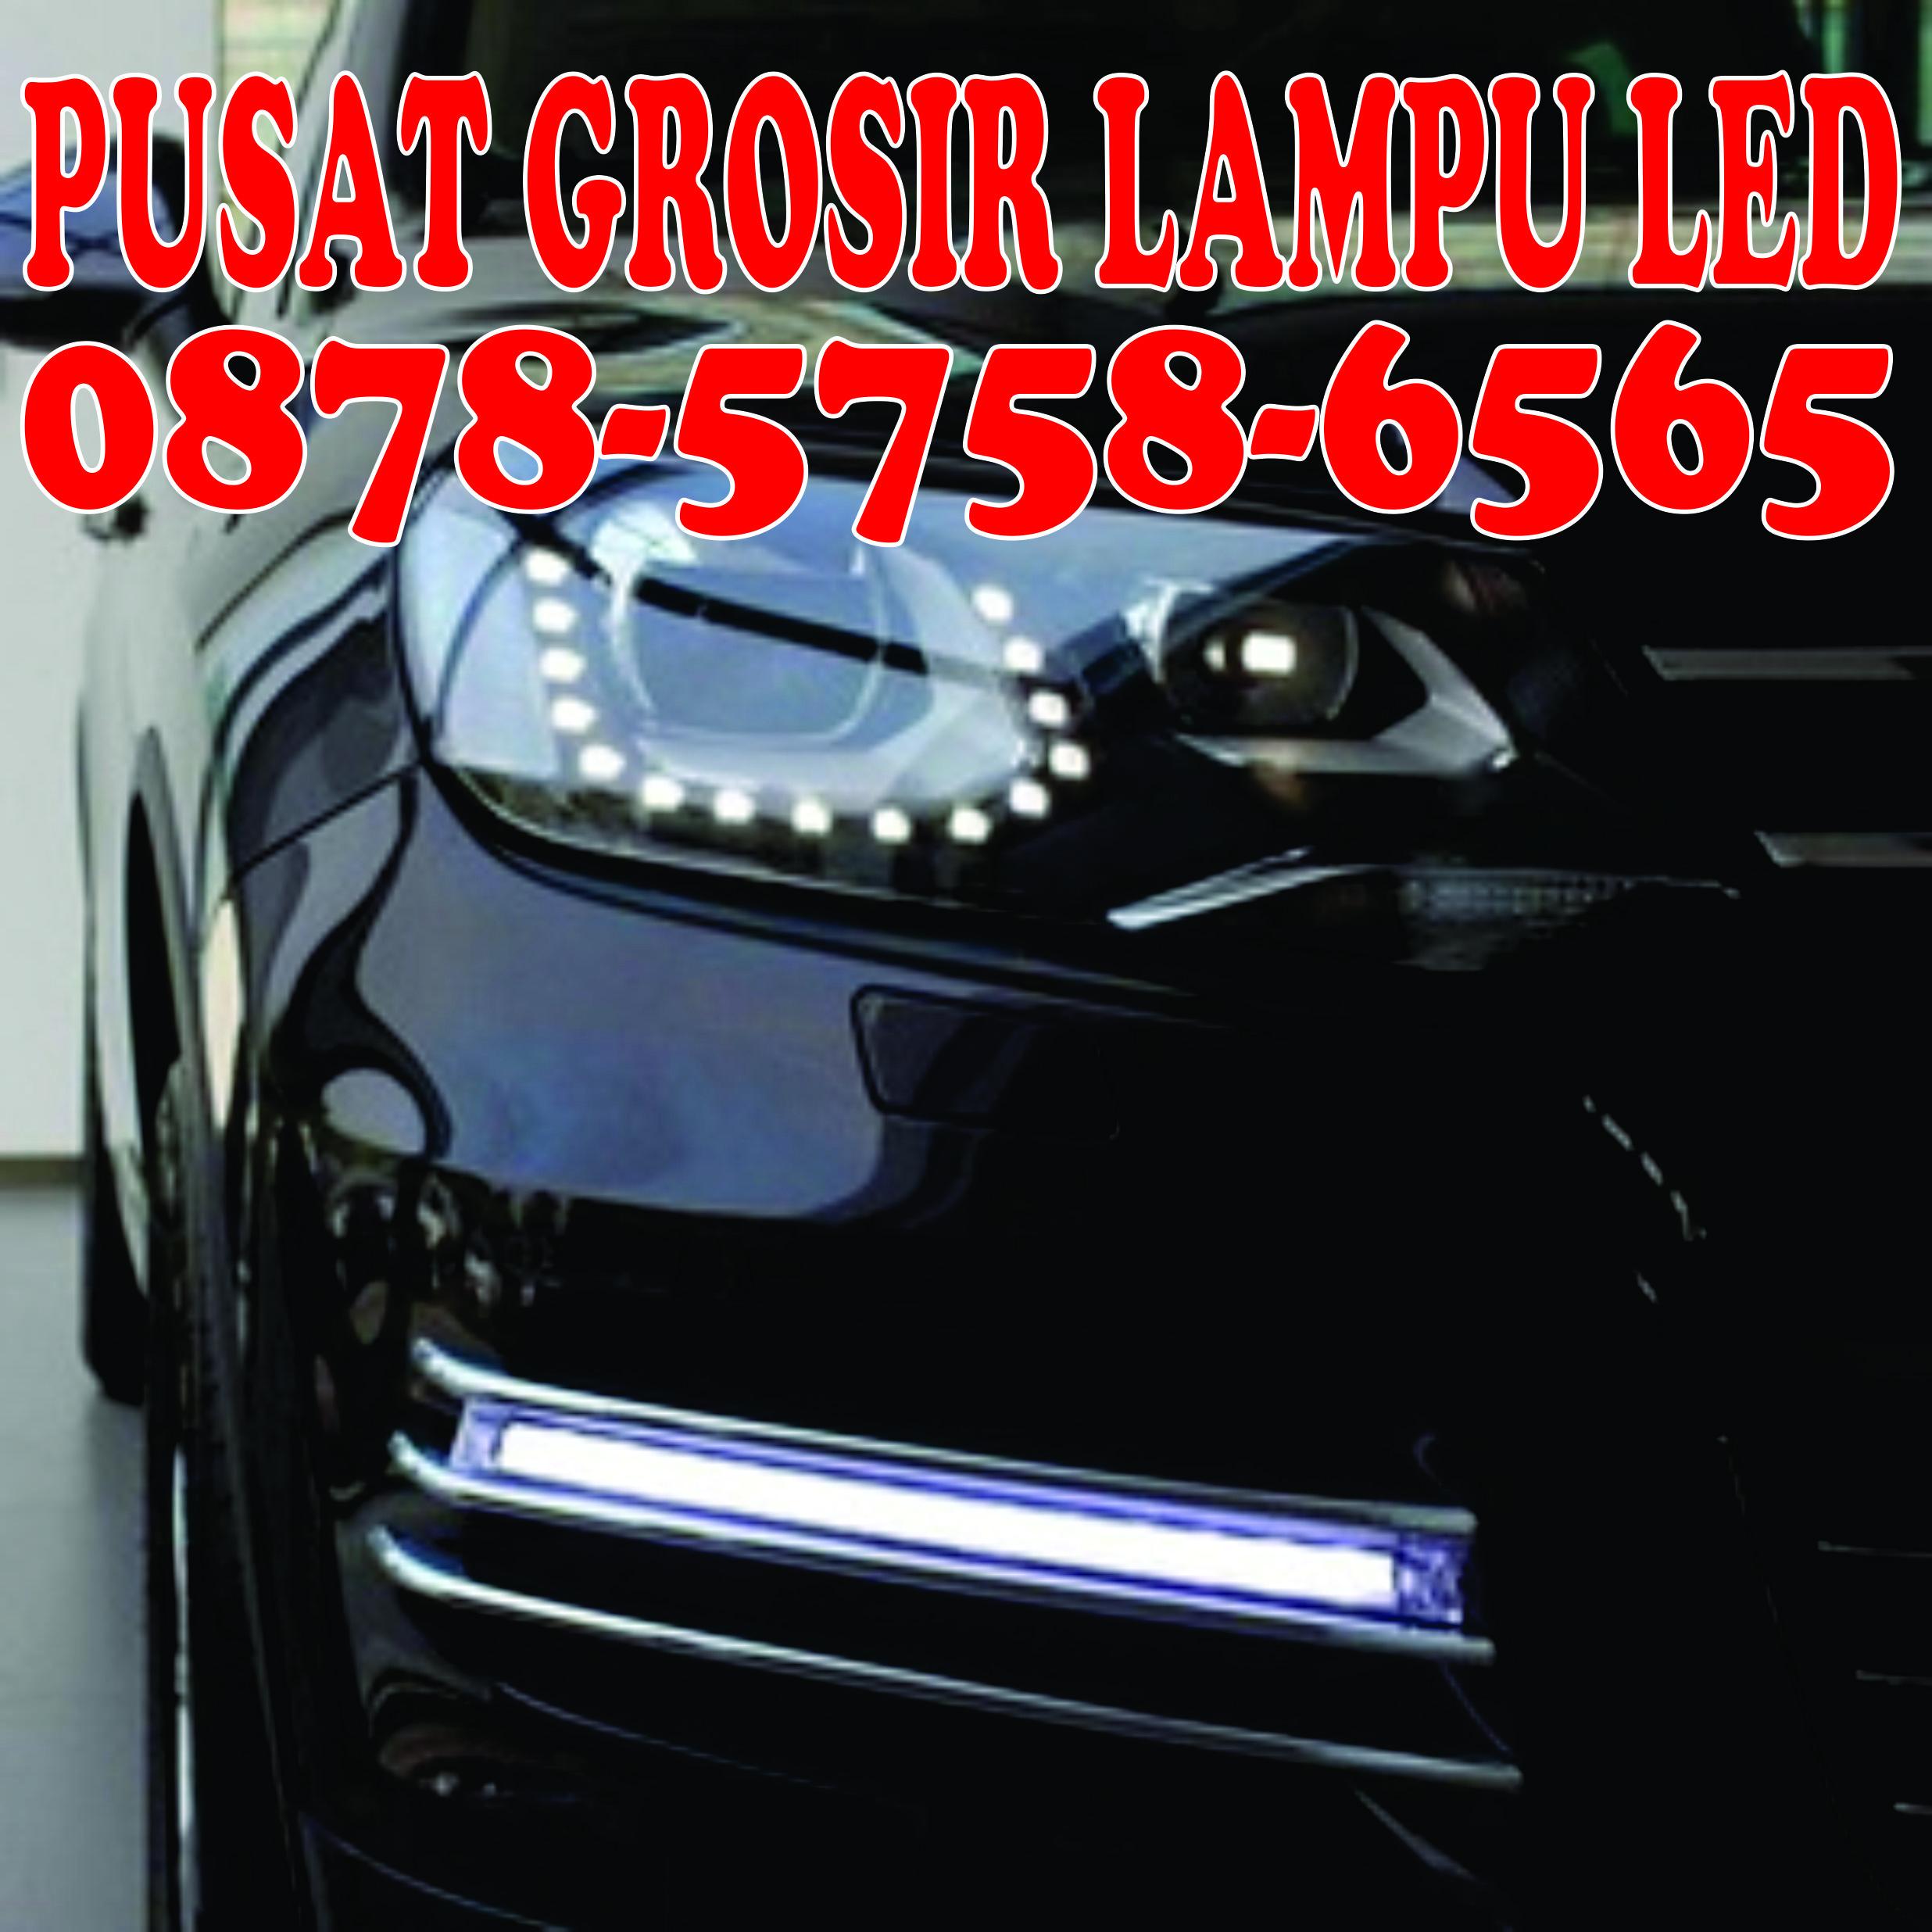 Lampu Mobil Variasi Lampu Motor Lampu Motor Hid Lampu Motor Led Lampu Motor Terbaik Lampu Motor Terbaru Lampu Murah Lampu Onli Proyektor Led Lampu Sorot